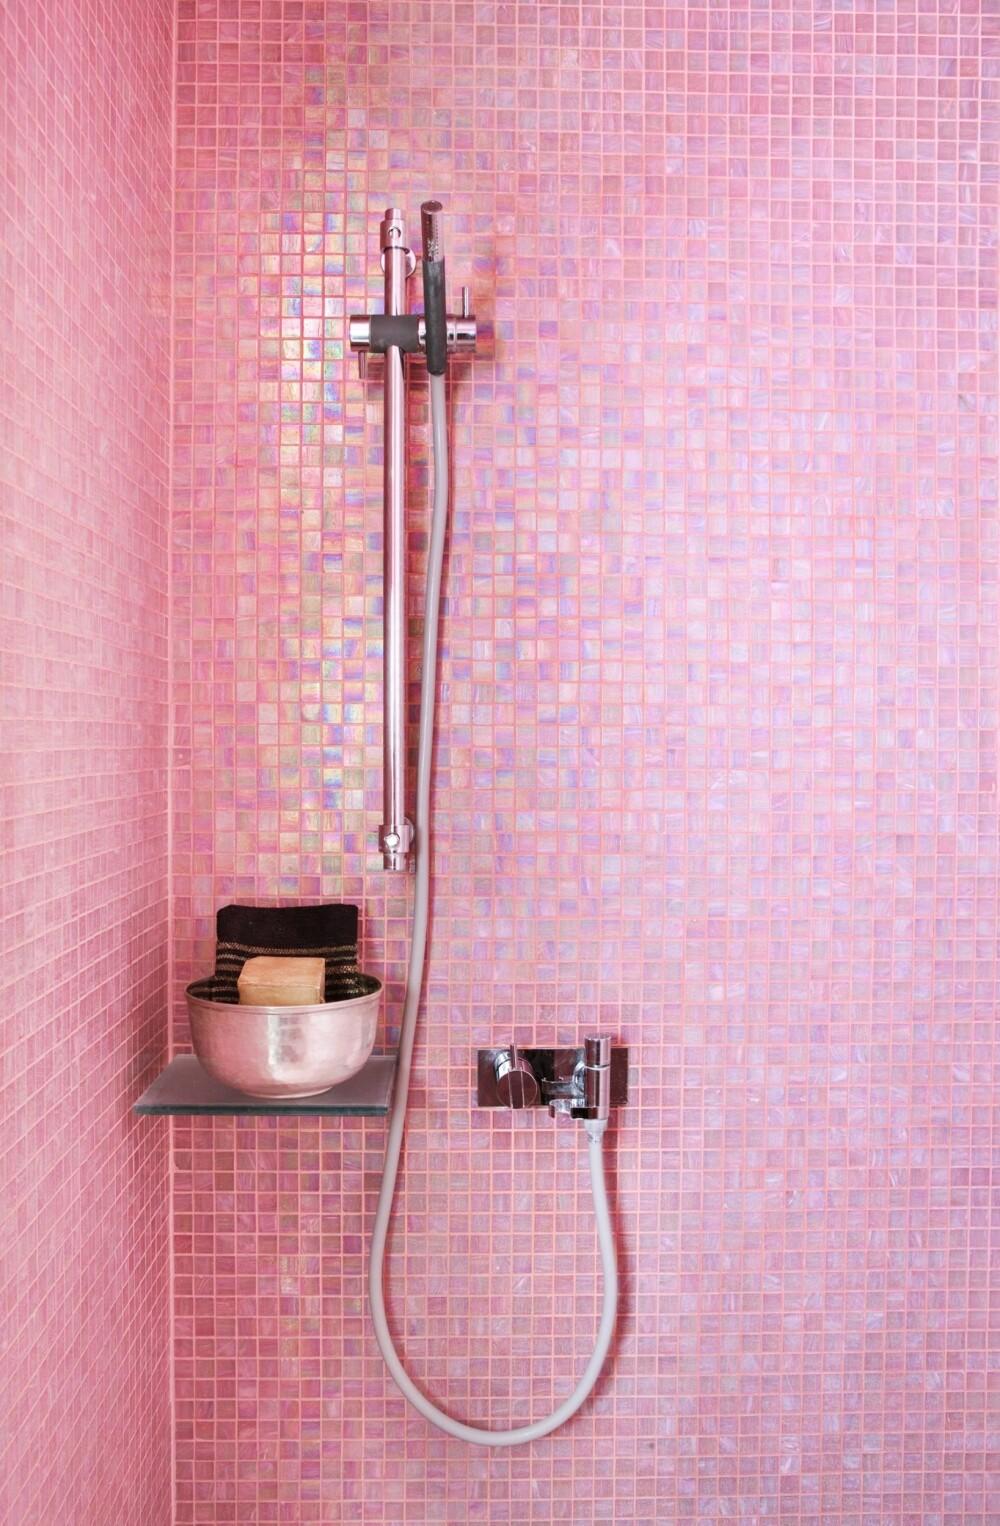 FEMININT: Småjenter får mer energi av rosa, voksne damer føler ofte ro. Menn, derimot, kan oppleve en helrosa dusjnisje som for søt og feminin til å trives der.